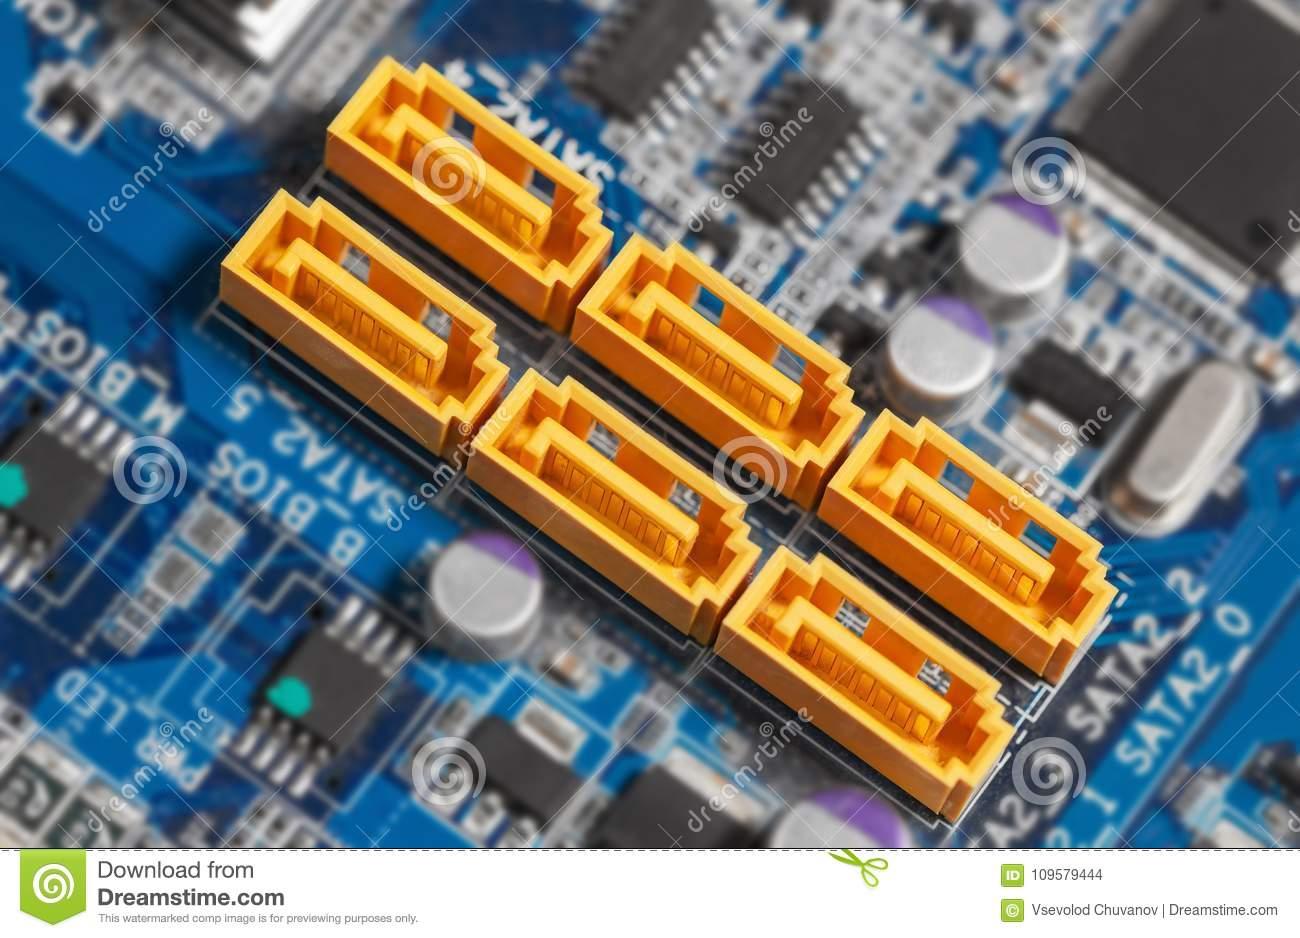 motherboard-sata-connectors-focus-sata-motherboard-sata-connectors-focus-sata-port-109579444.jpg